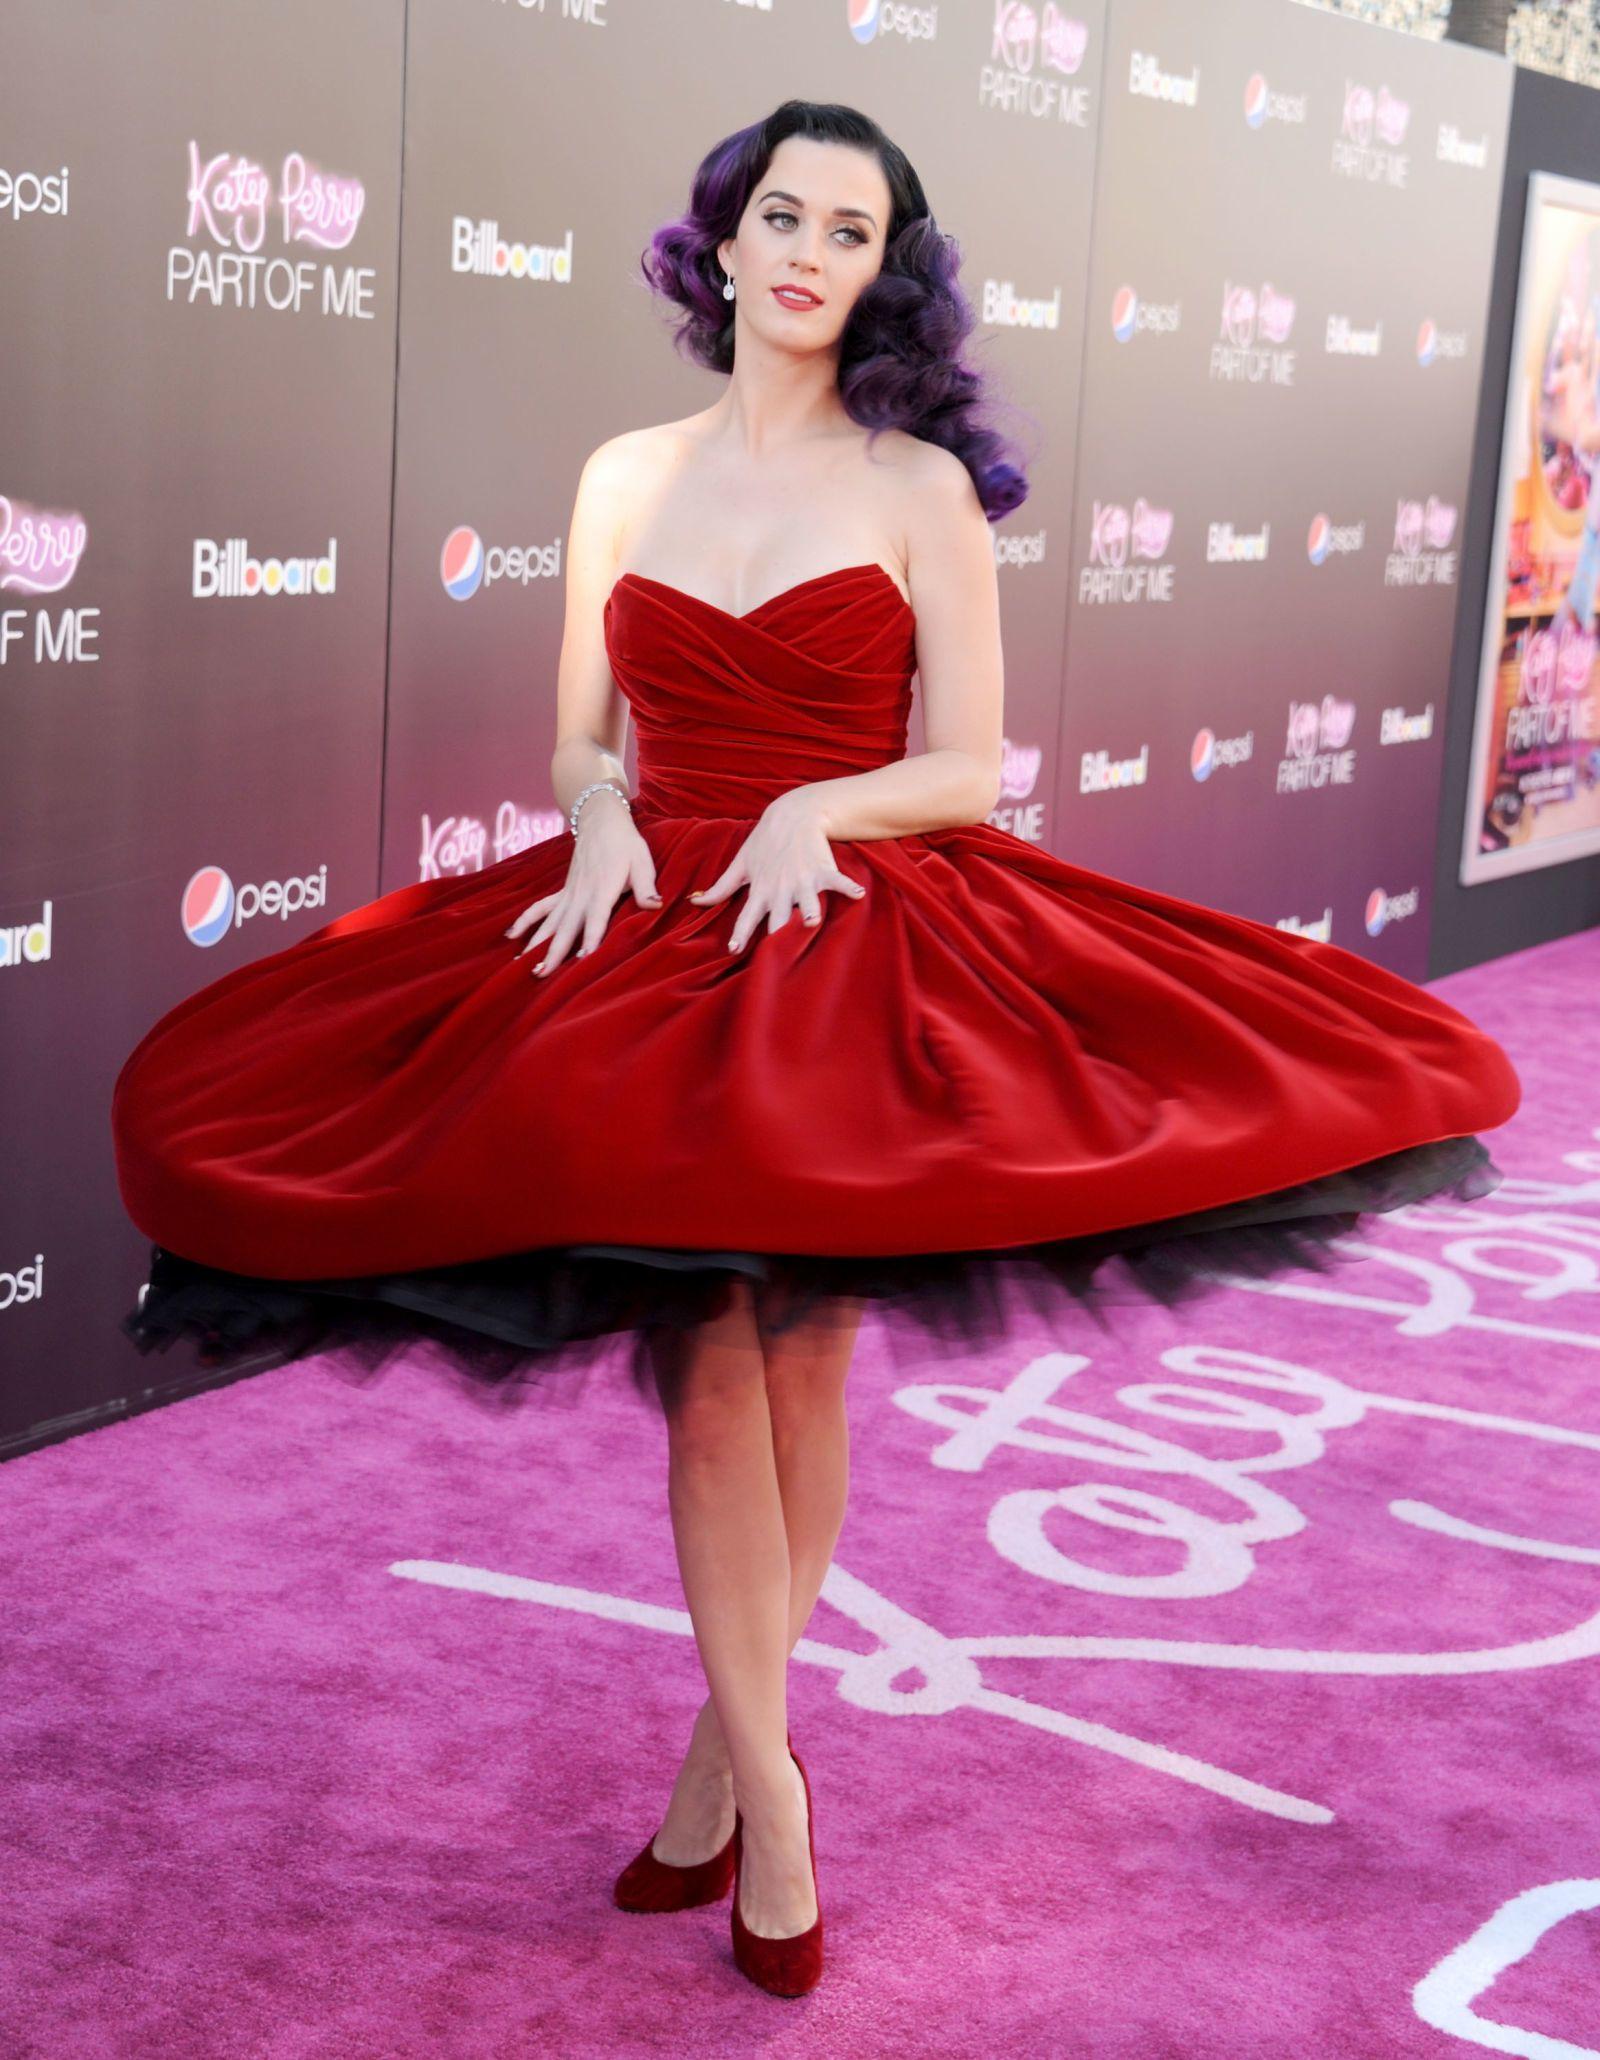 31 momentos icónicos del vestido rojo